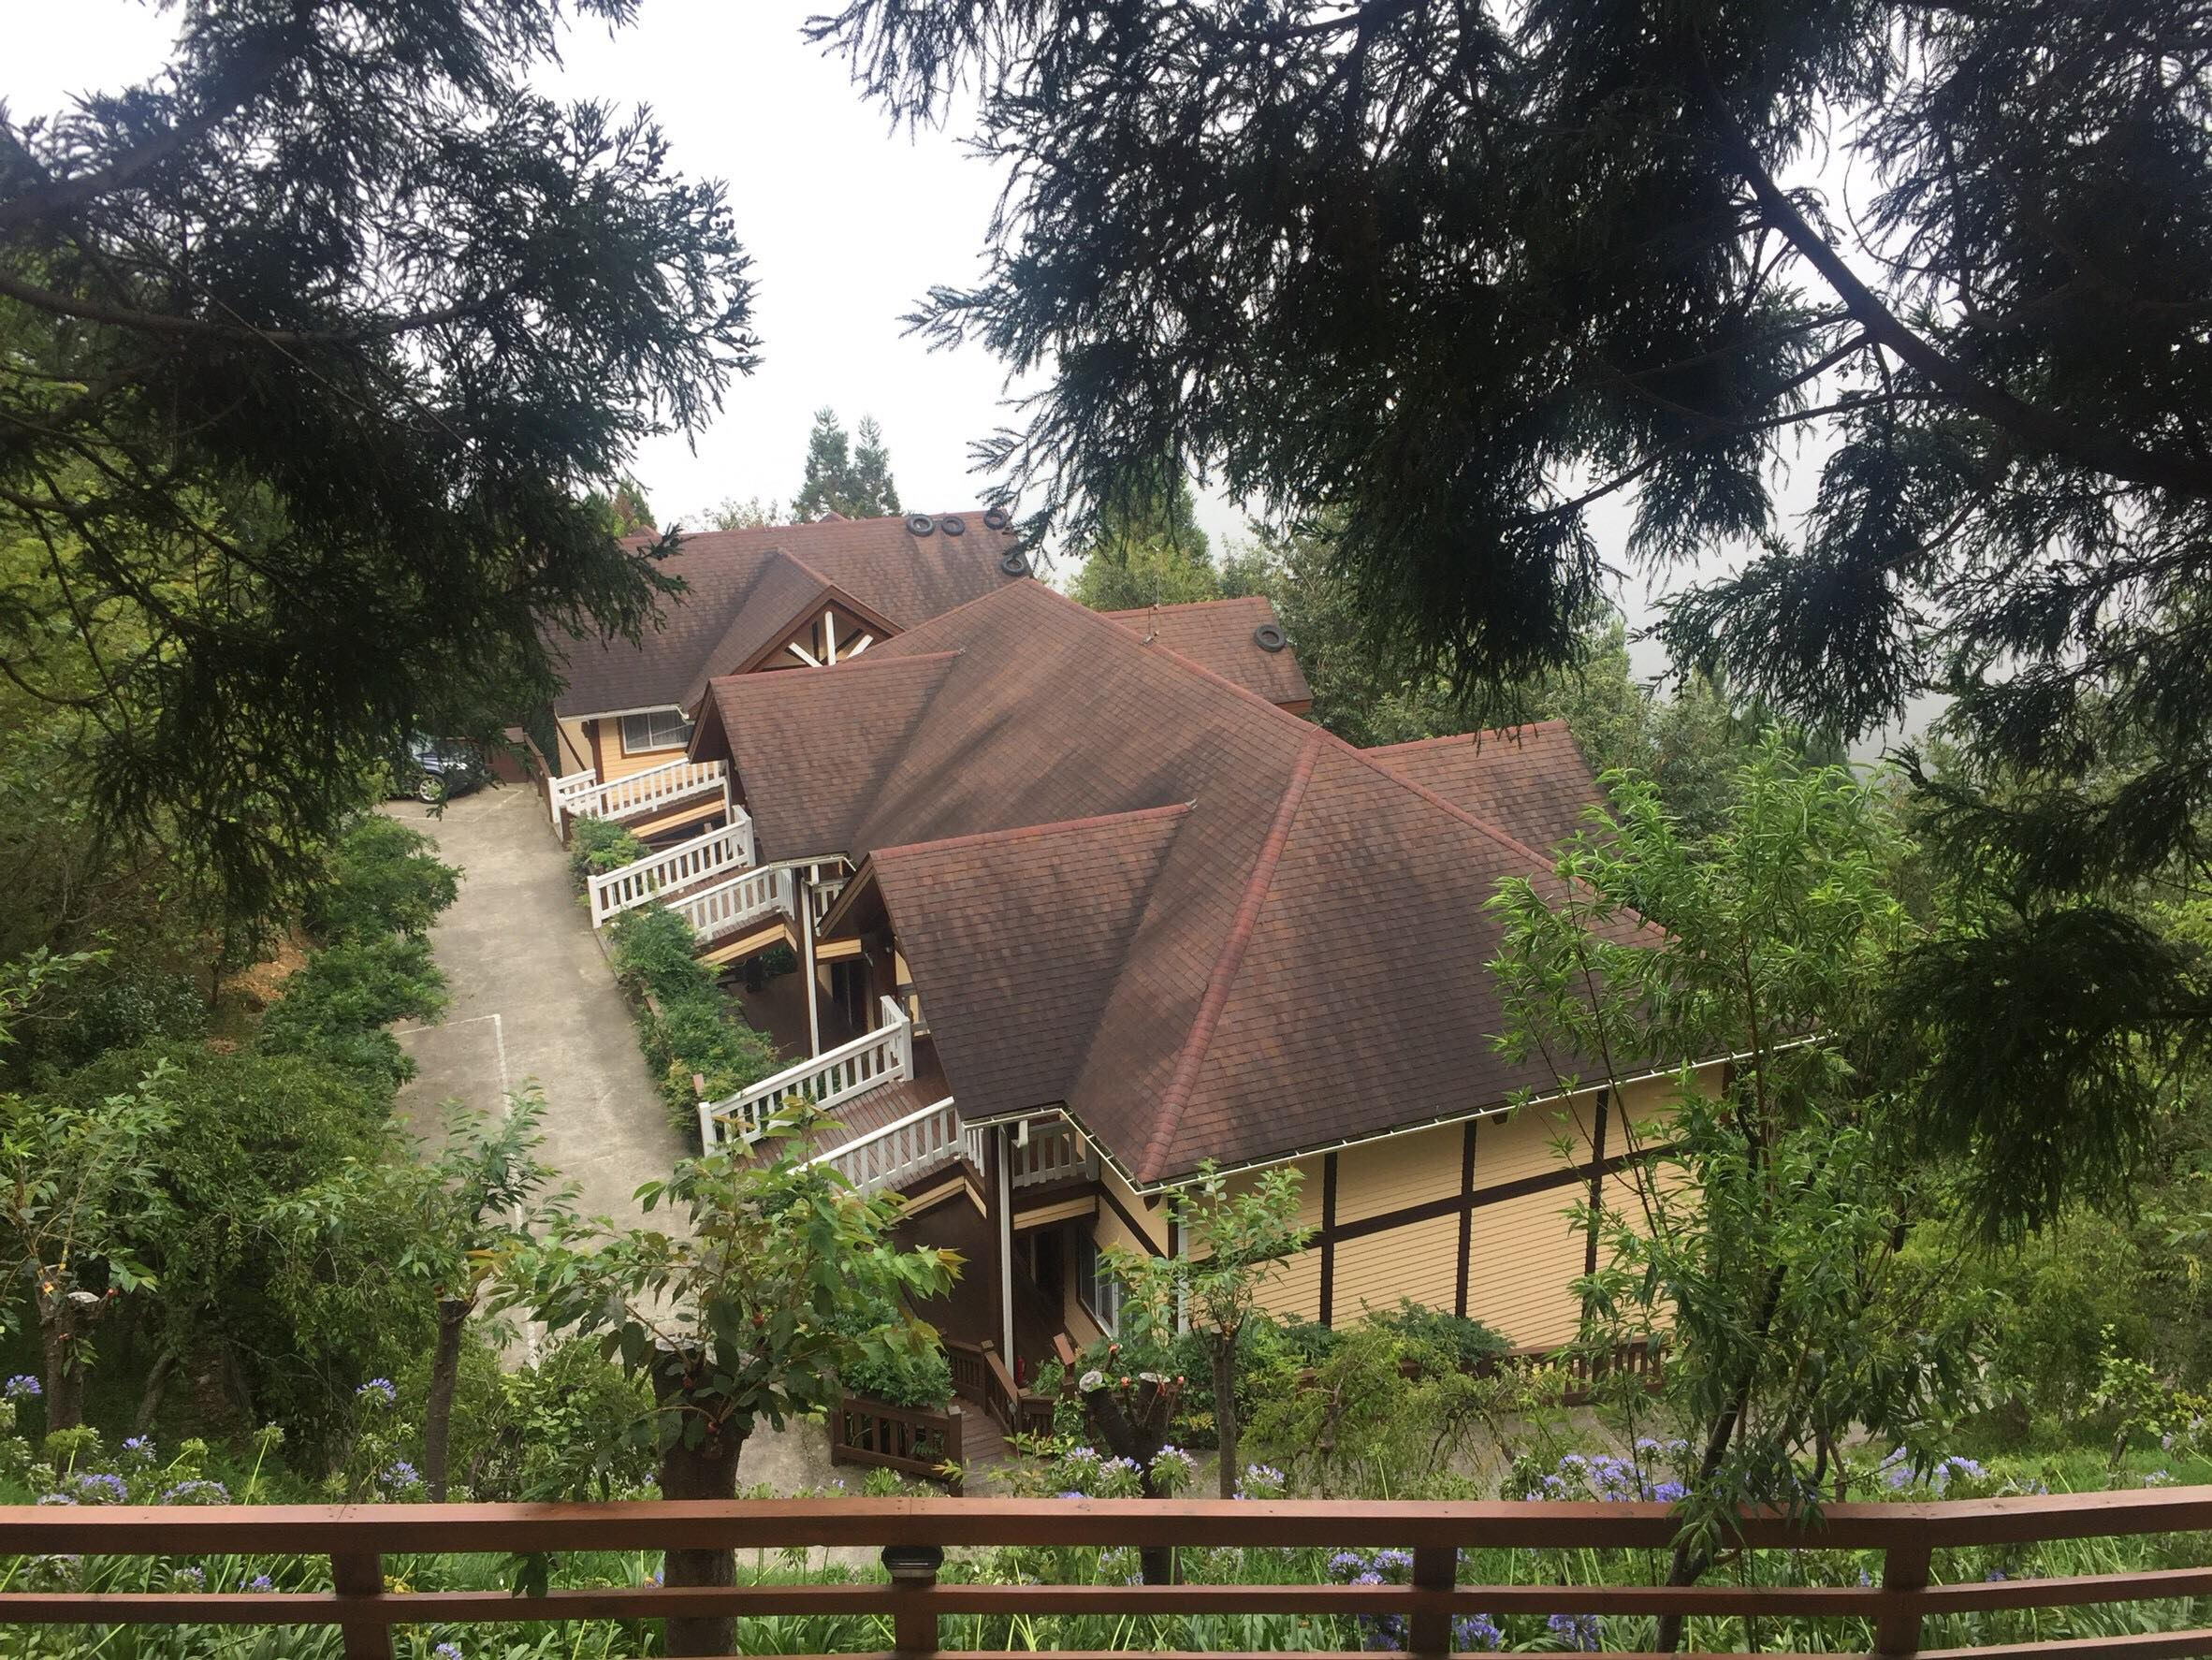 並排在樹林裡的小木屋,像童話故事一般的紅屋頂黃磚瓦。